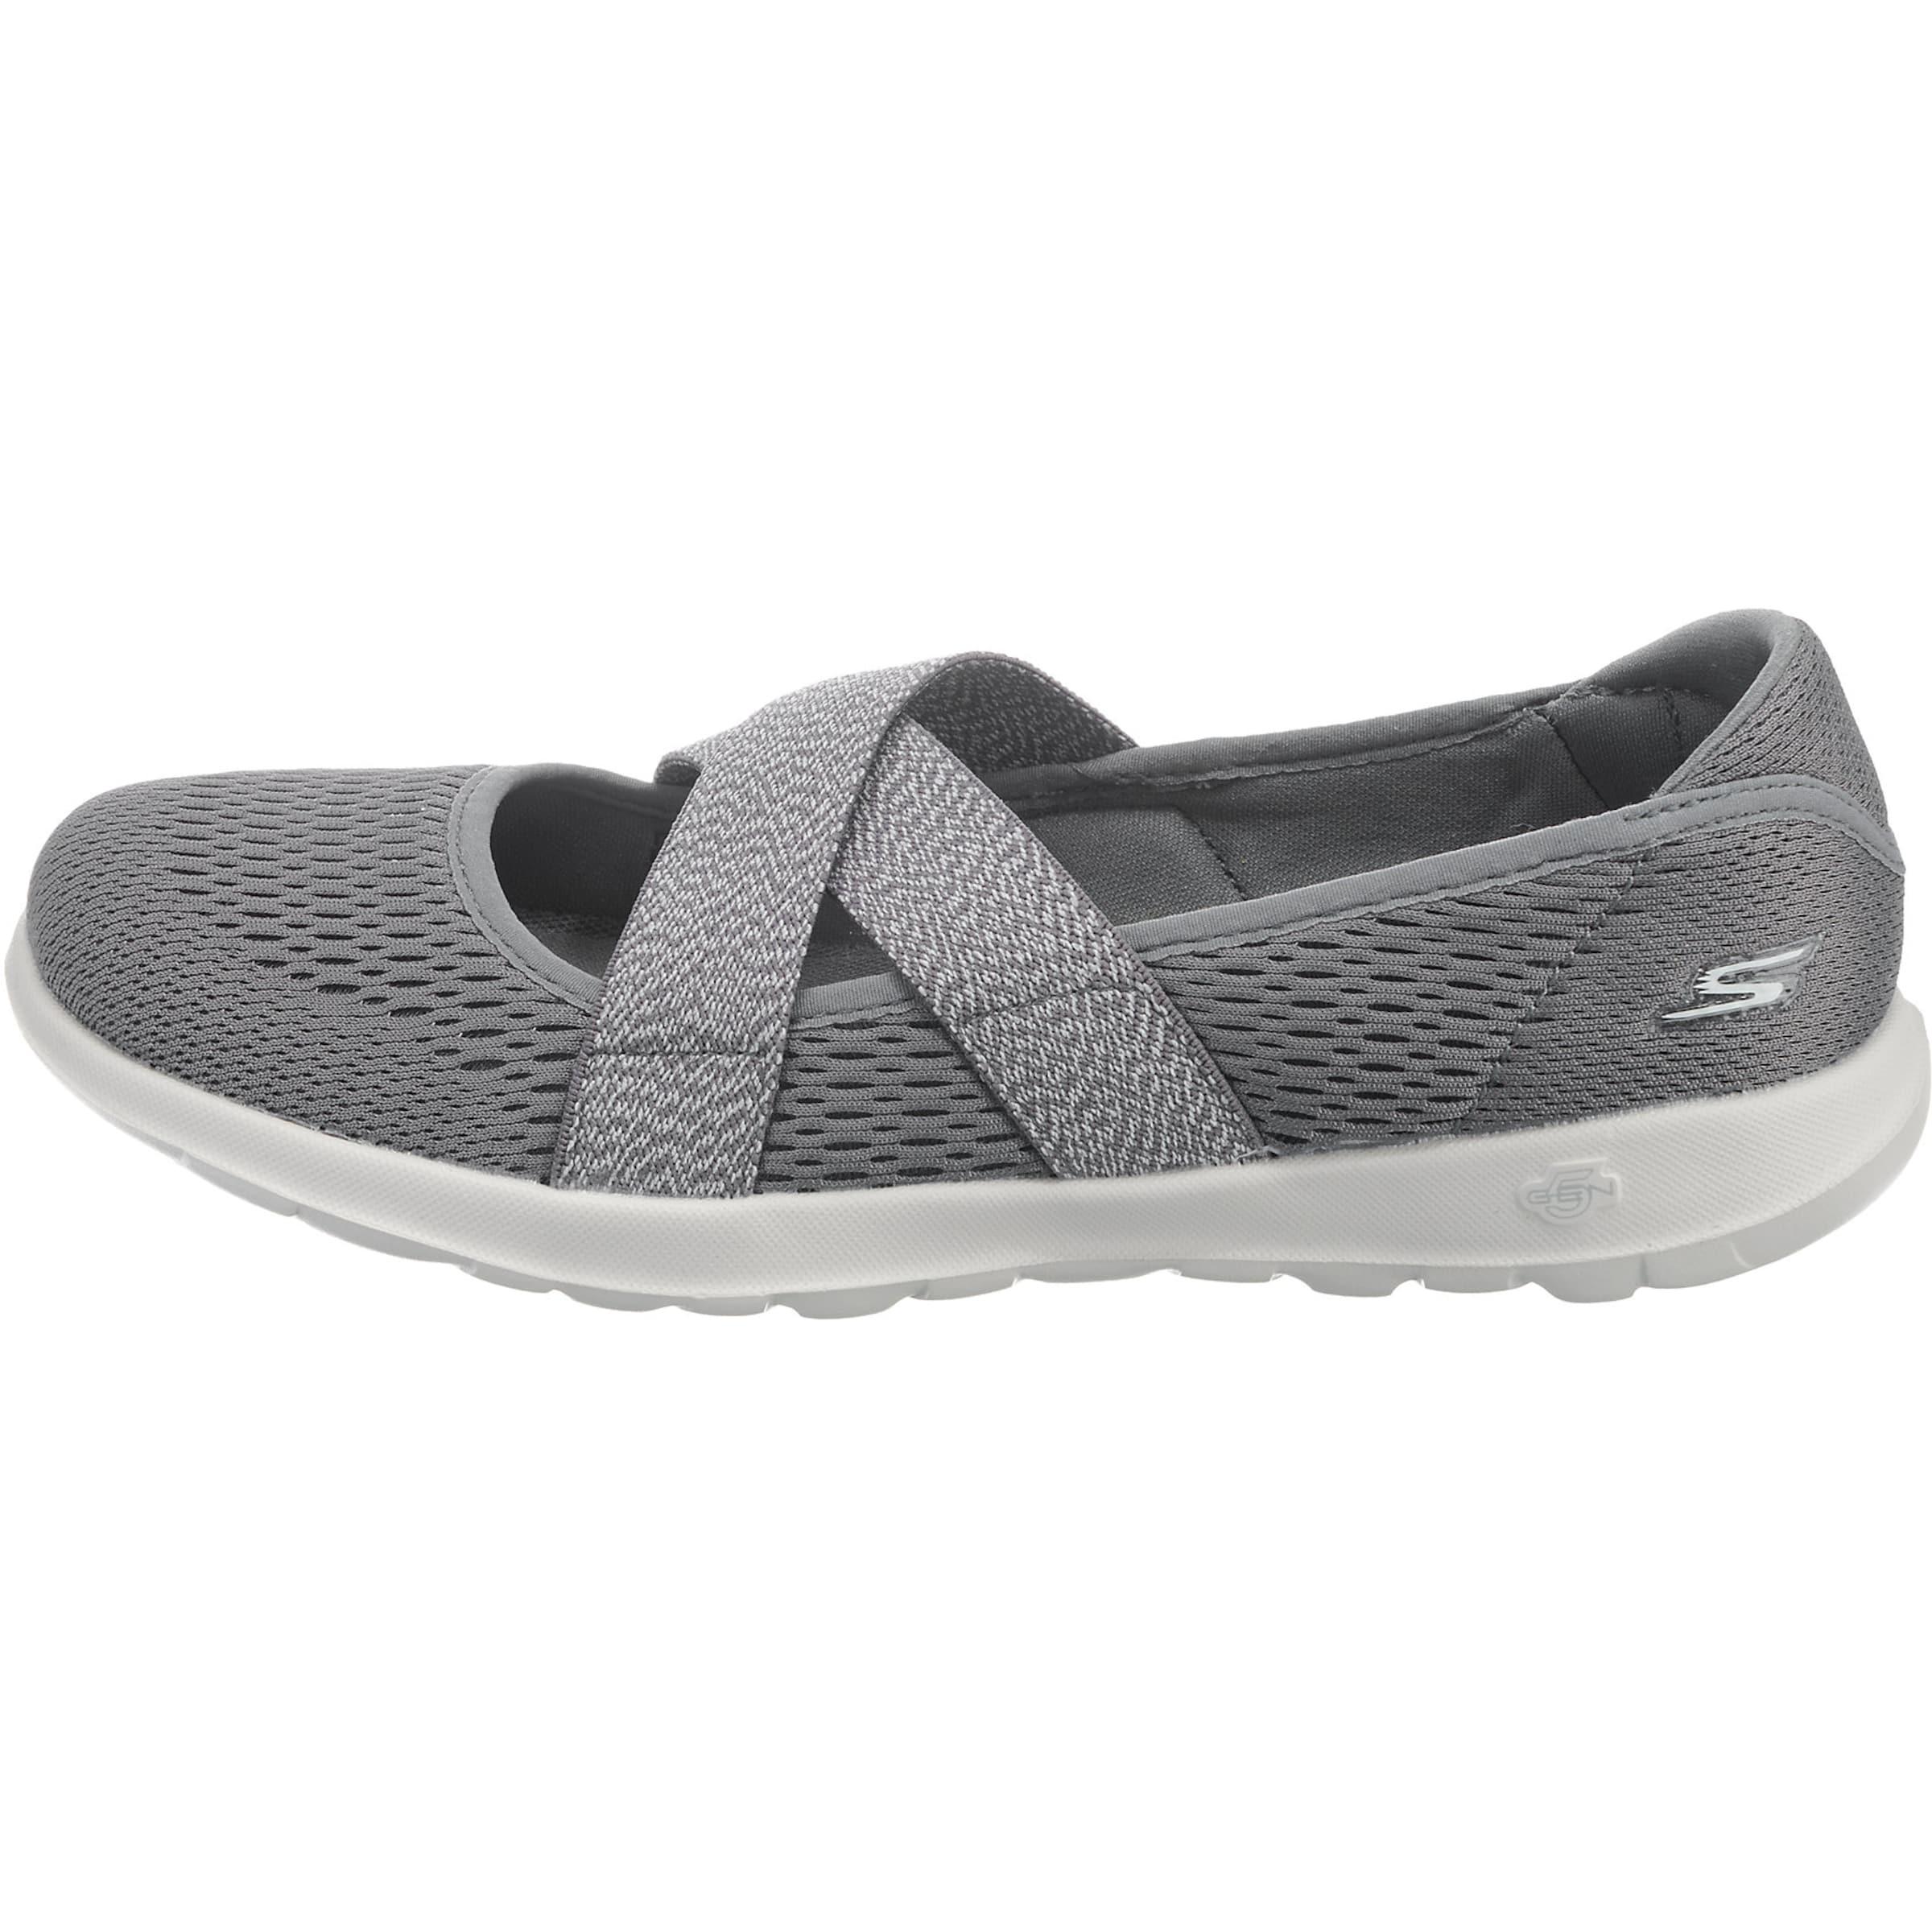 SKECHERS Sneaker 'GO WALK LITE' mit Riemen Besuchen Neue whYXAW